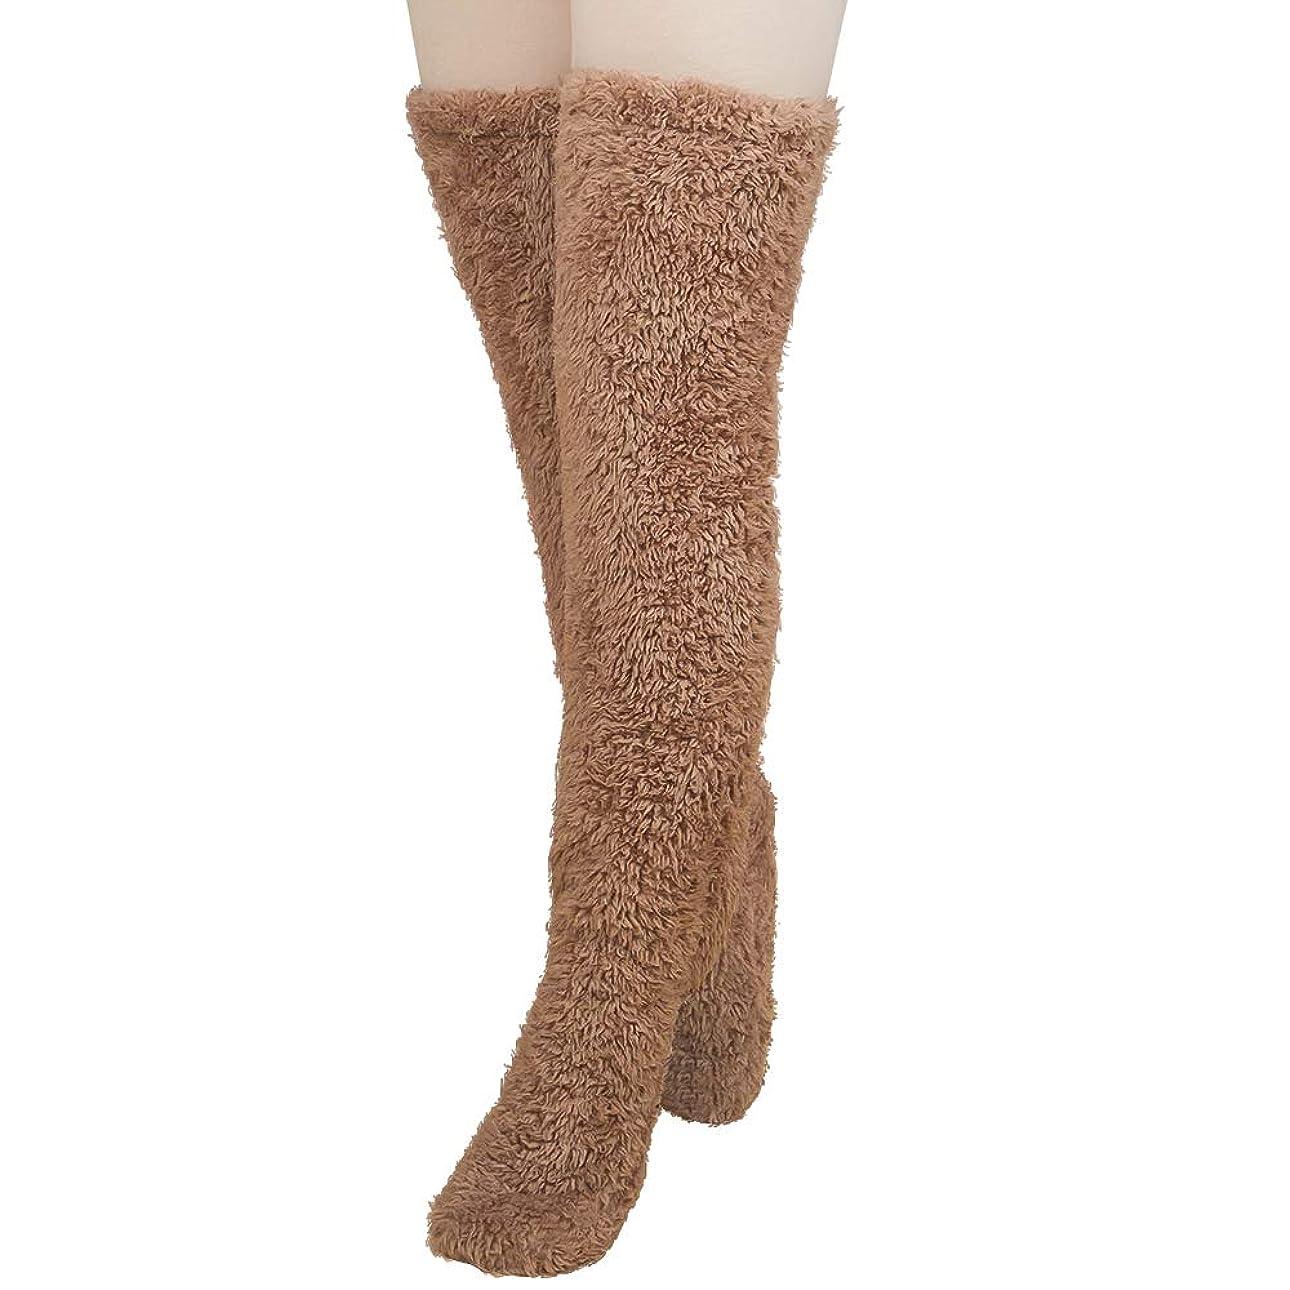 猫背溶ける反逆者Miuko 足が出せるロングカバー 極暖 レッグウォーマー ふわふわ靴下 ロングソックス 冷えとり靴下 毛布ソックス 冷え対策 防寒ソックス あったか 超厚手 男女兼用